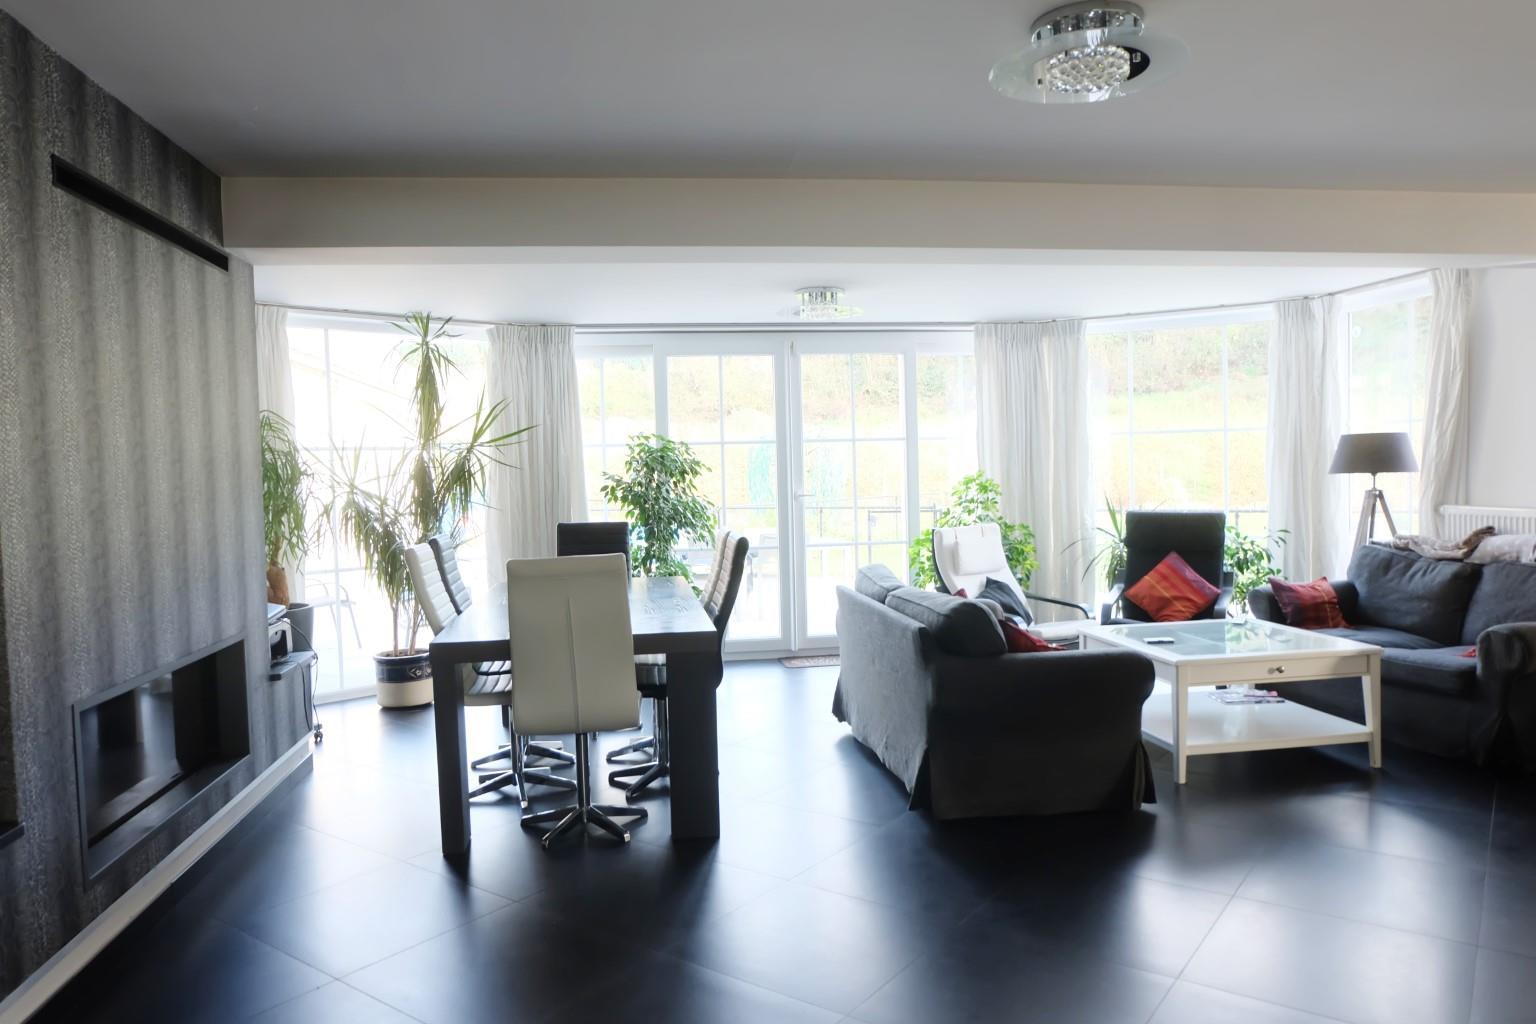 Appartement exceptionnel - Braine-le-Comte Hennuyères - #2181234-4